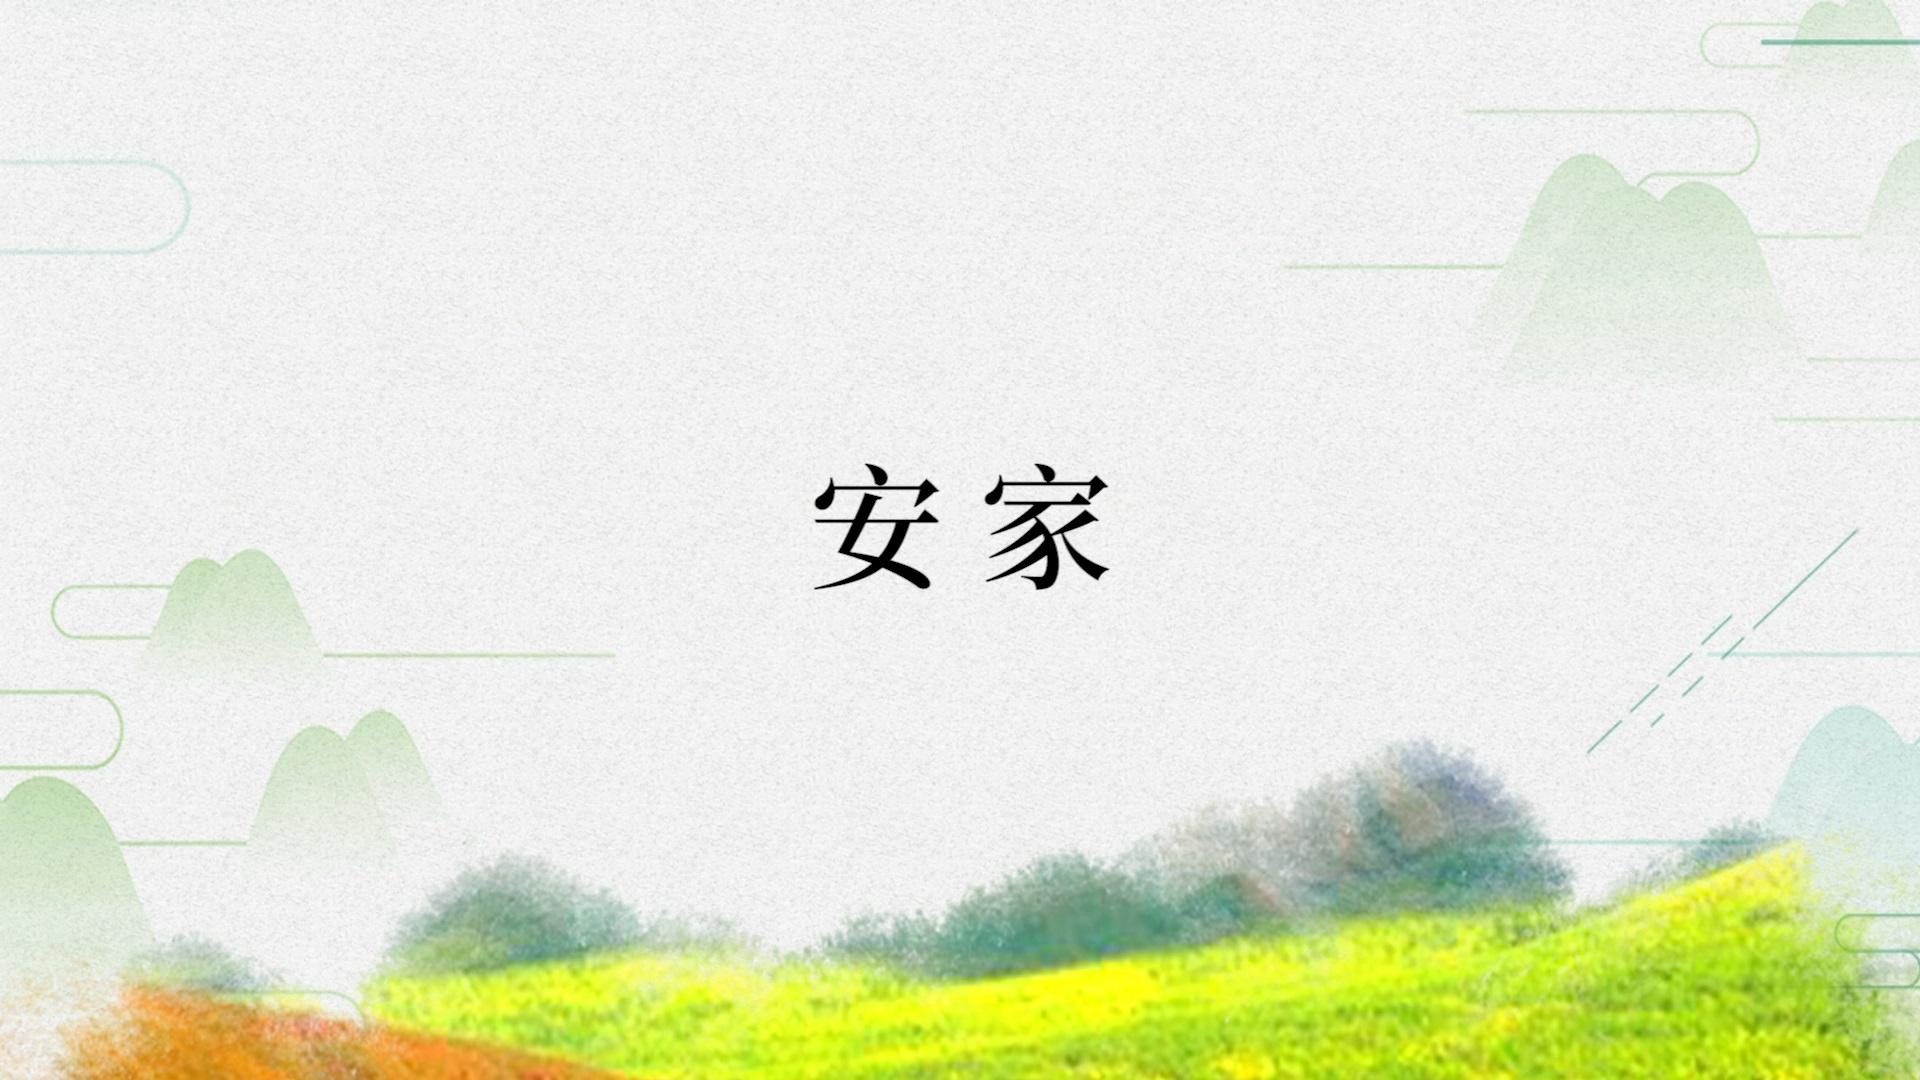 农民日报专题纪录片《见证摆脱贫困》第二集:安家